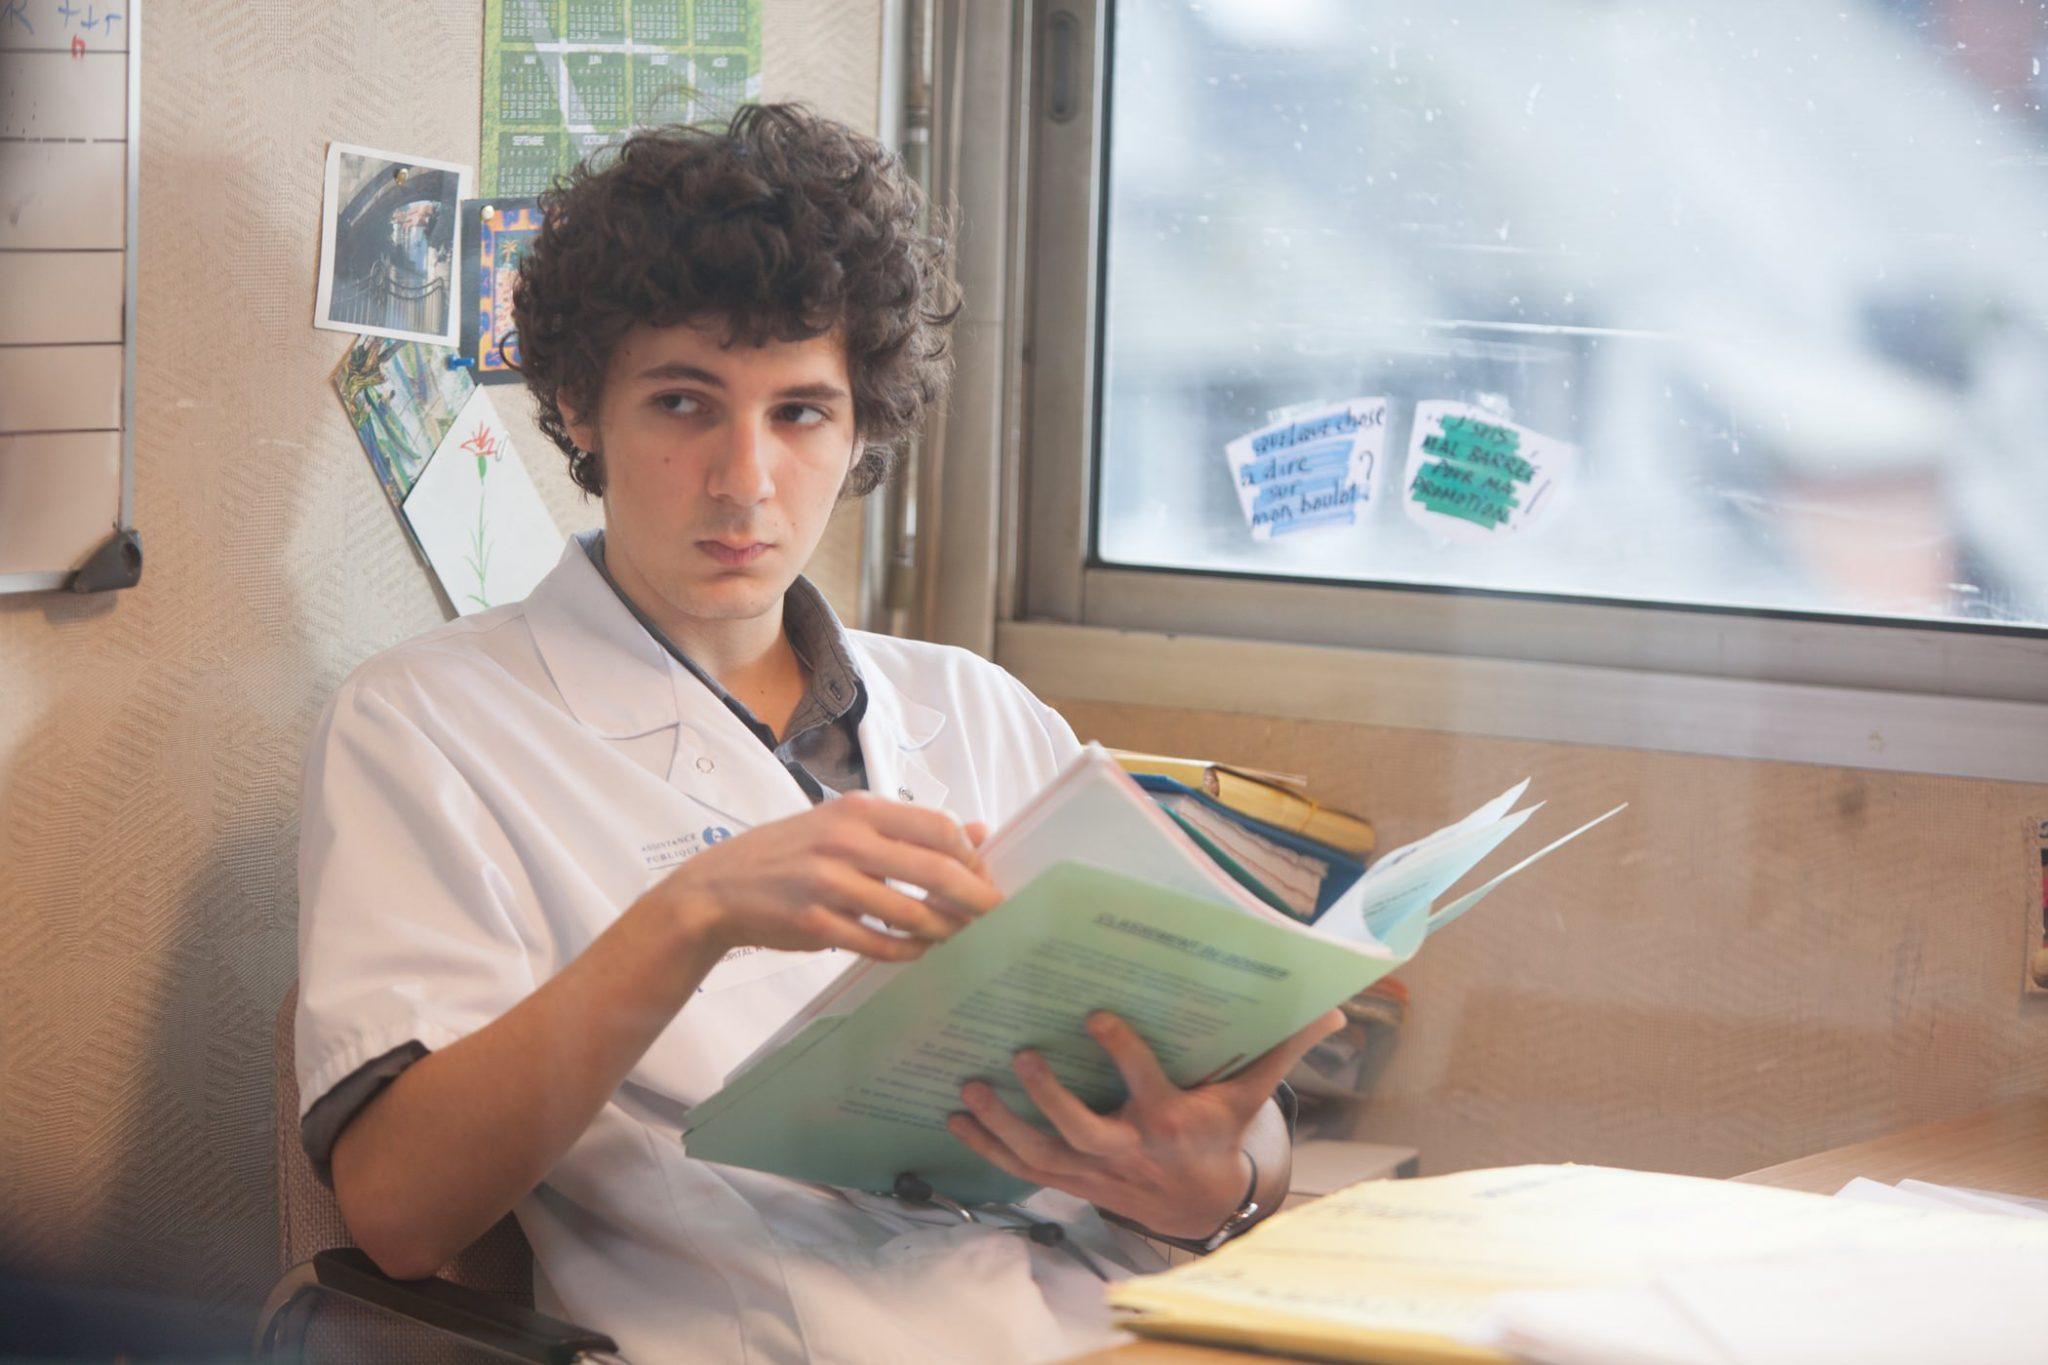 hippocrate image vincent lacoste